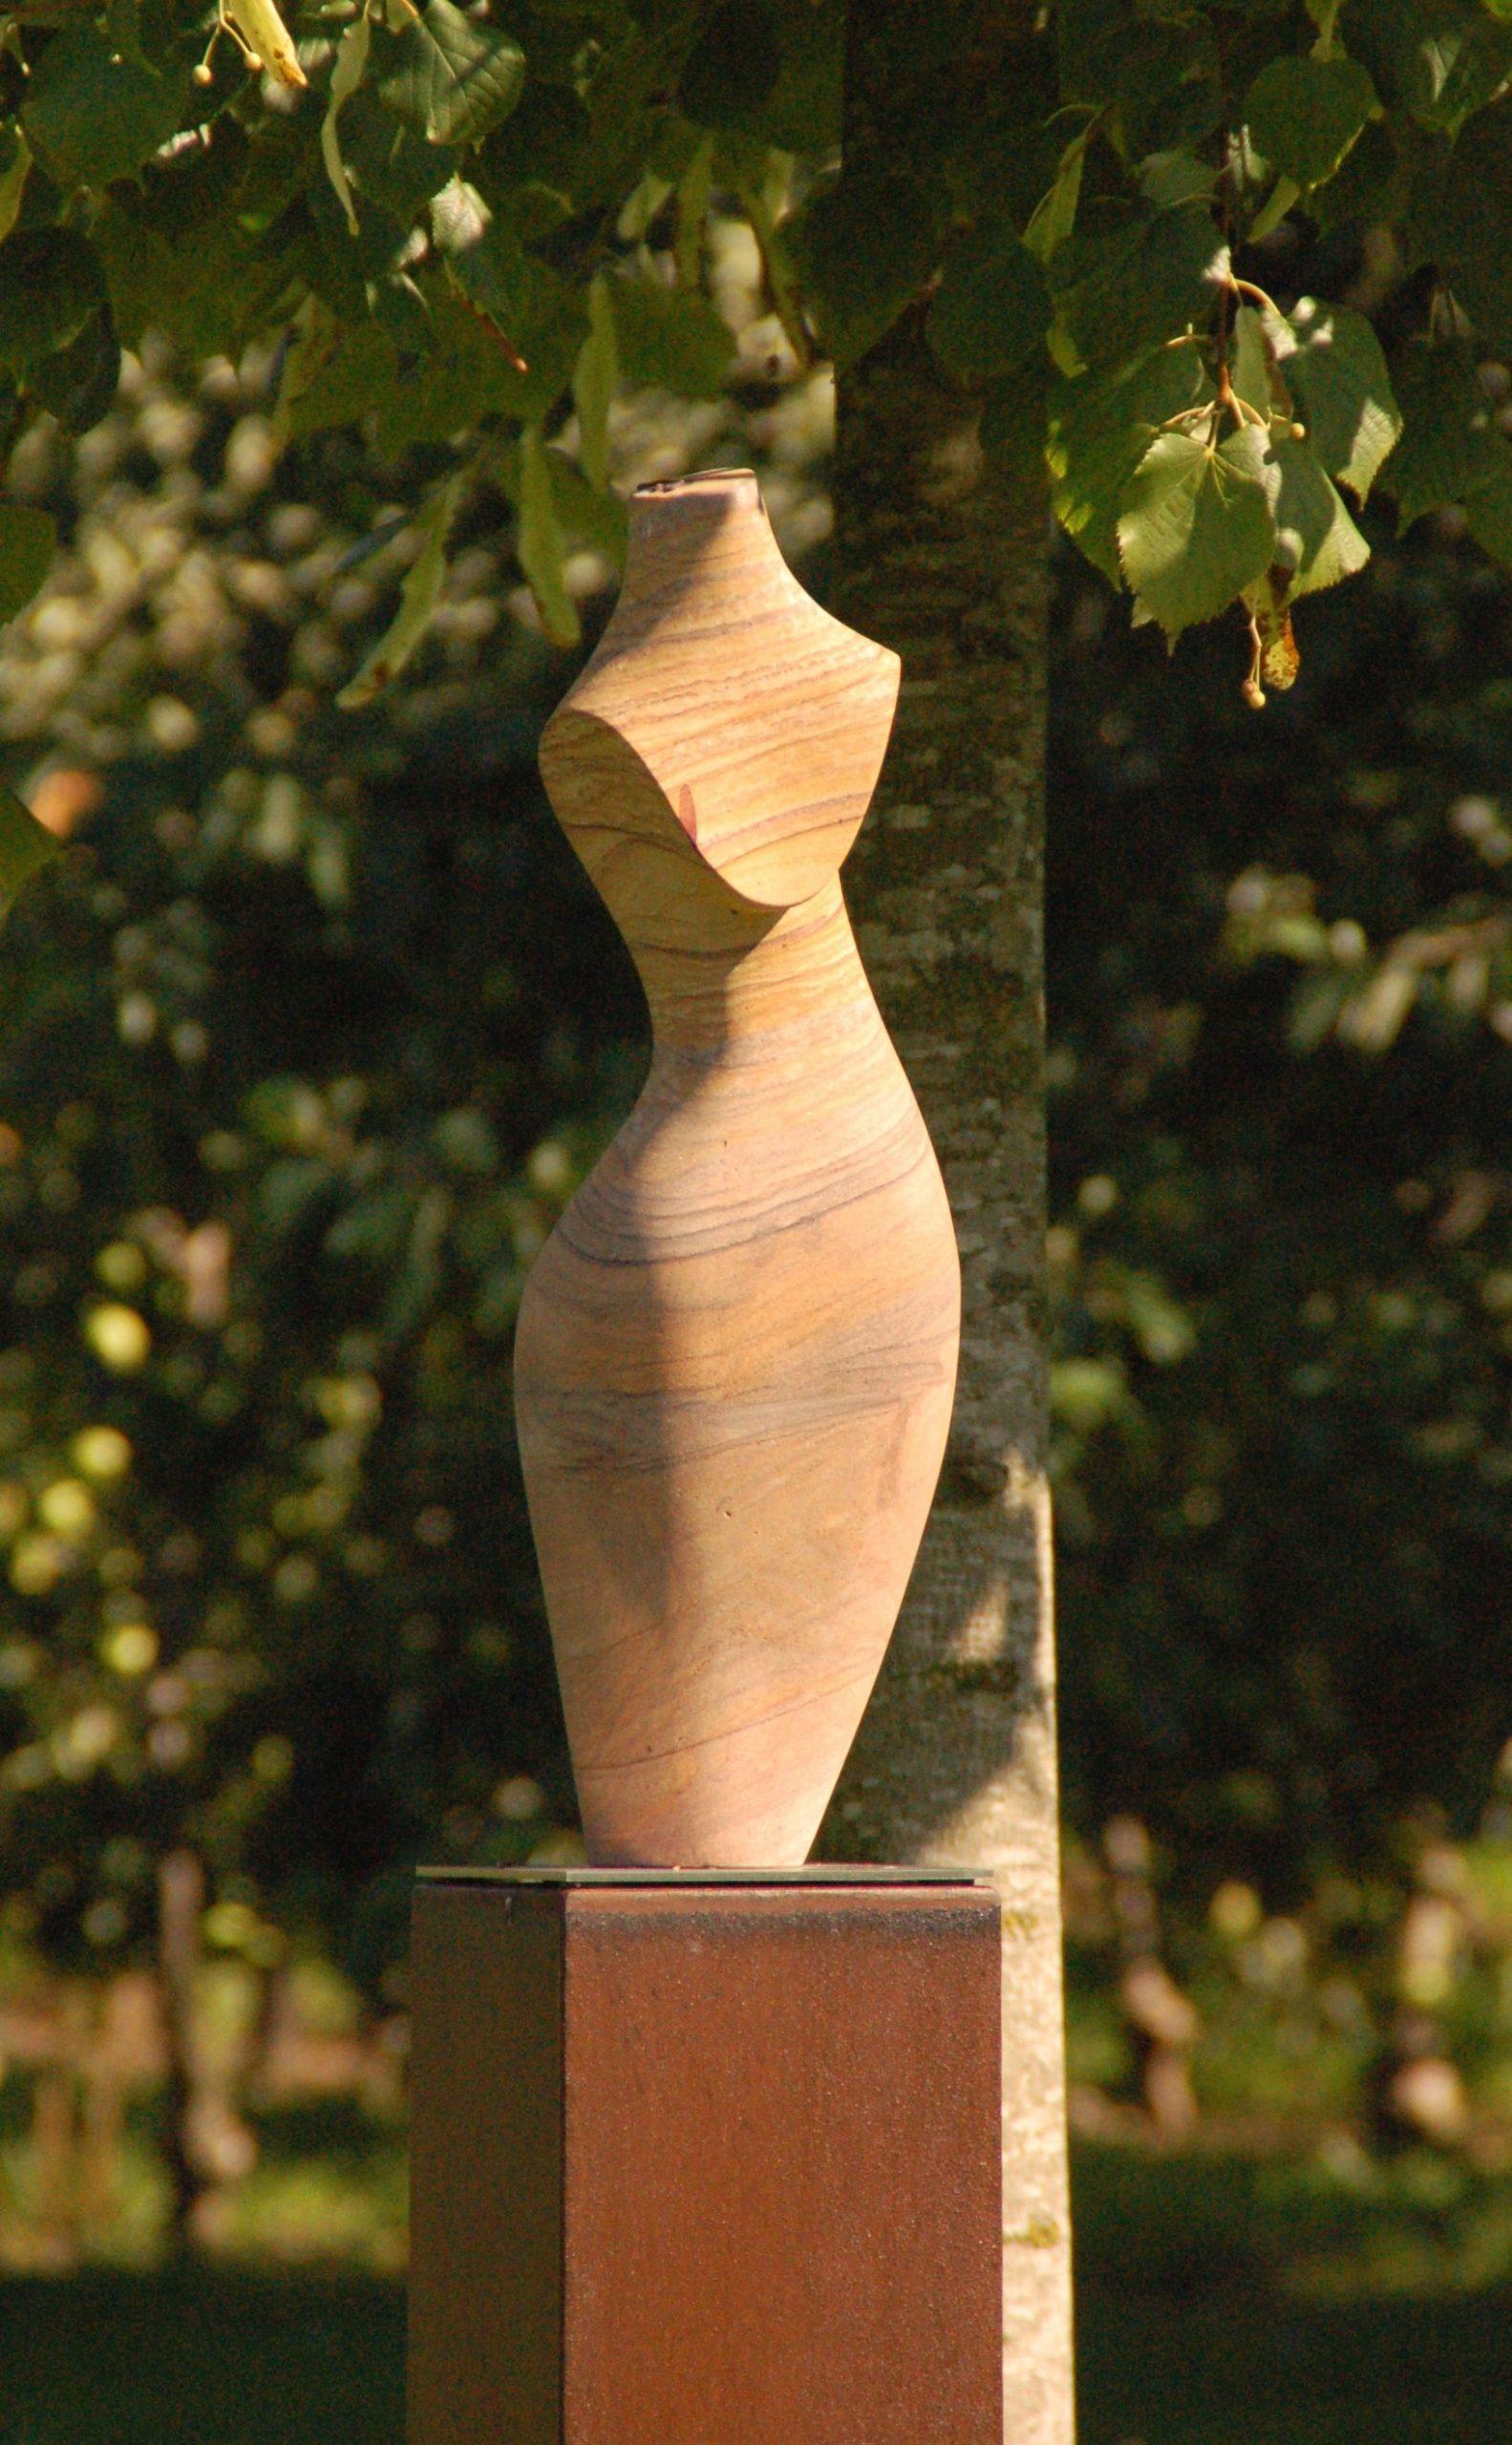 Full Size of Skulpturen Für Den Garten Diese Skulptur Aus Sandstein Verschnert Unseren Feng Sgarten Spielturm Gartenüberdachung Schlafzimmer Kommoden Laminat Küche Wohnzimmer Skulpturen Für Den Garten